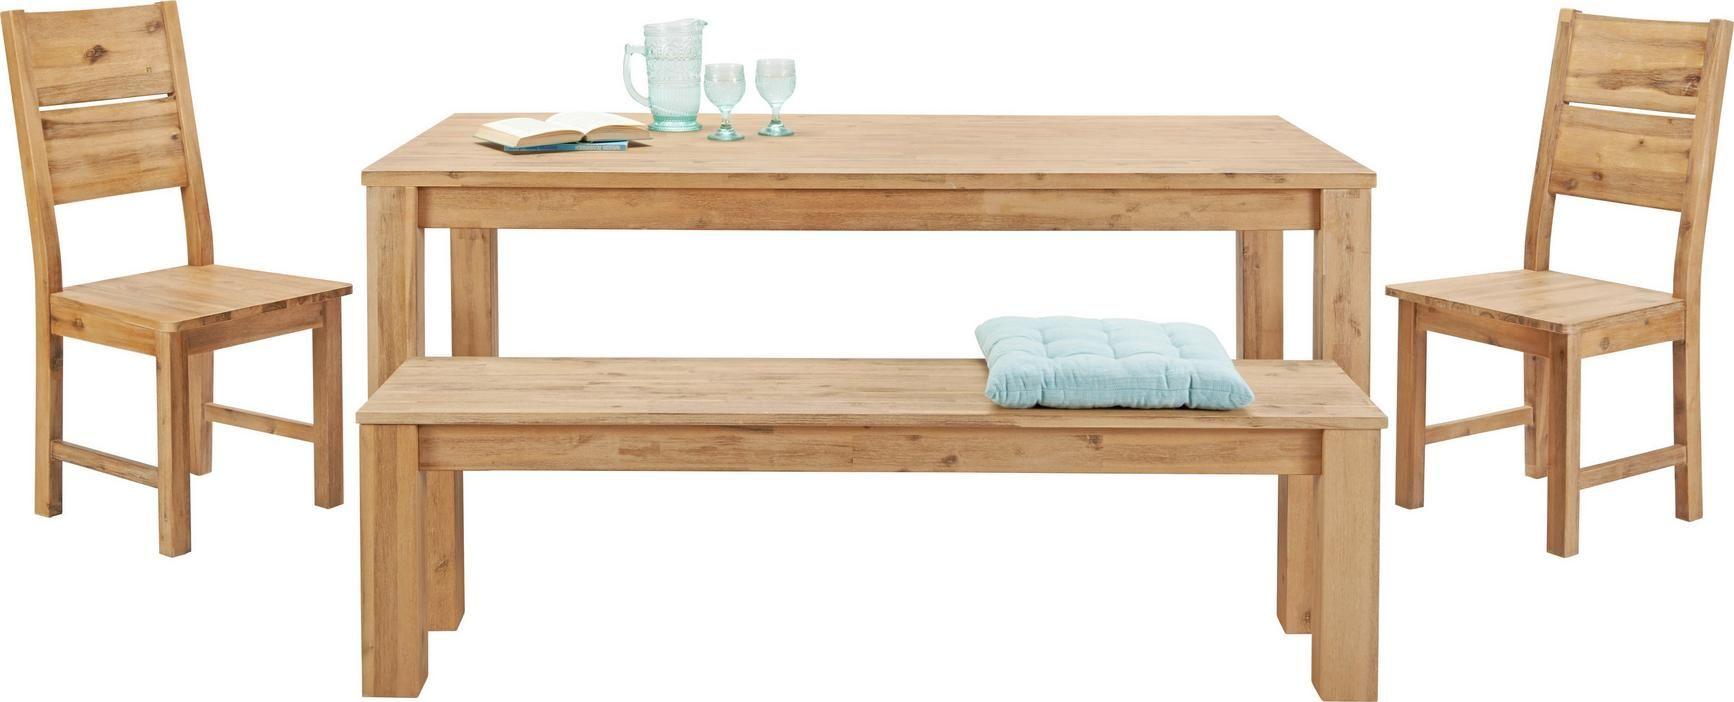 Esstisch Aus Akazie Massiv Online Kaufen Momax Ikea Esstisch Ausziehbar Esstisch Esstisch Ausziehbar Weiss